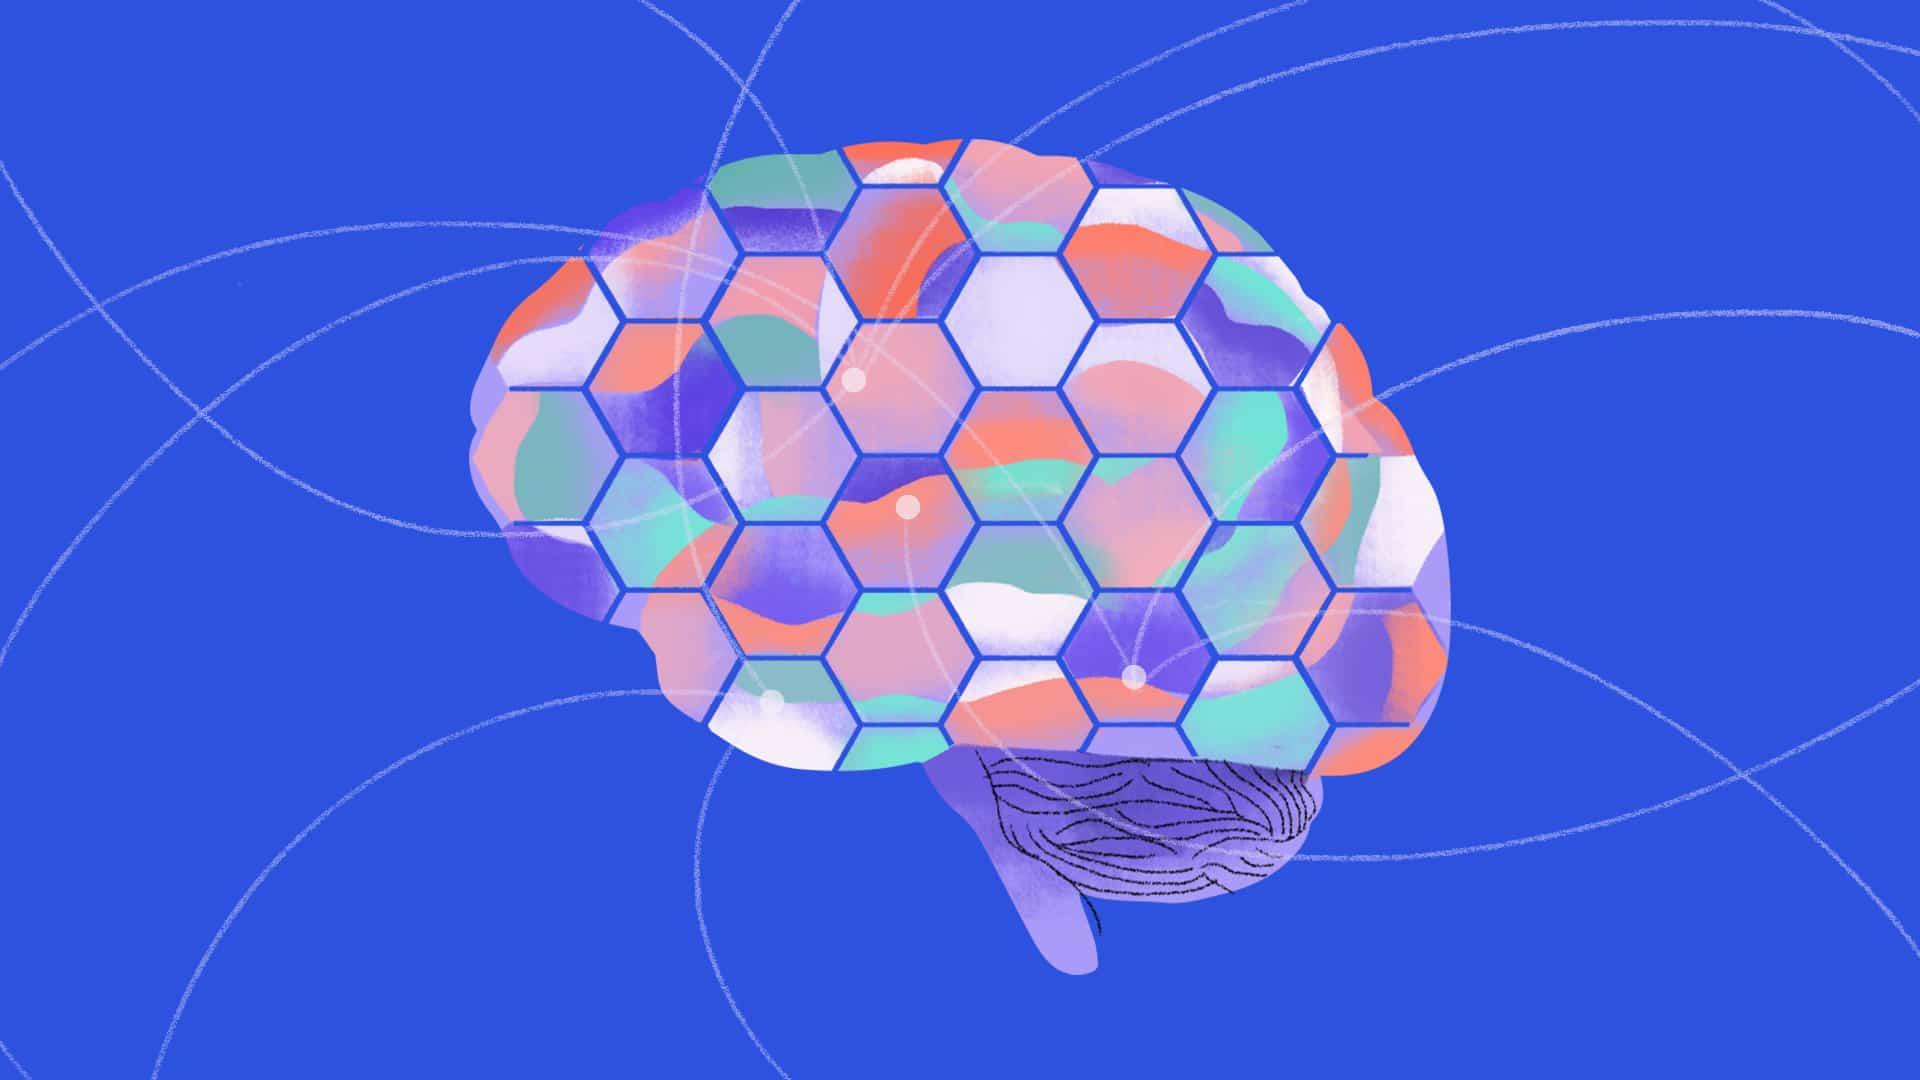 un'illustrazione sull'hive mind, la mente alveare nel digitale